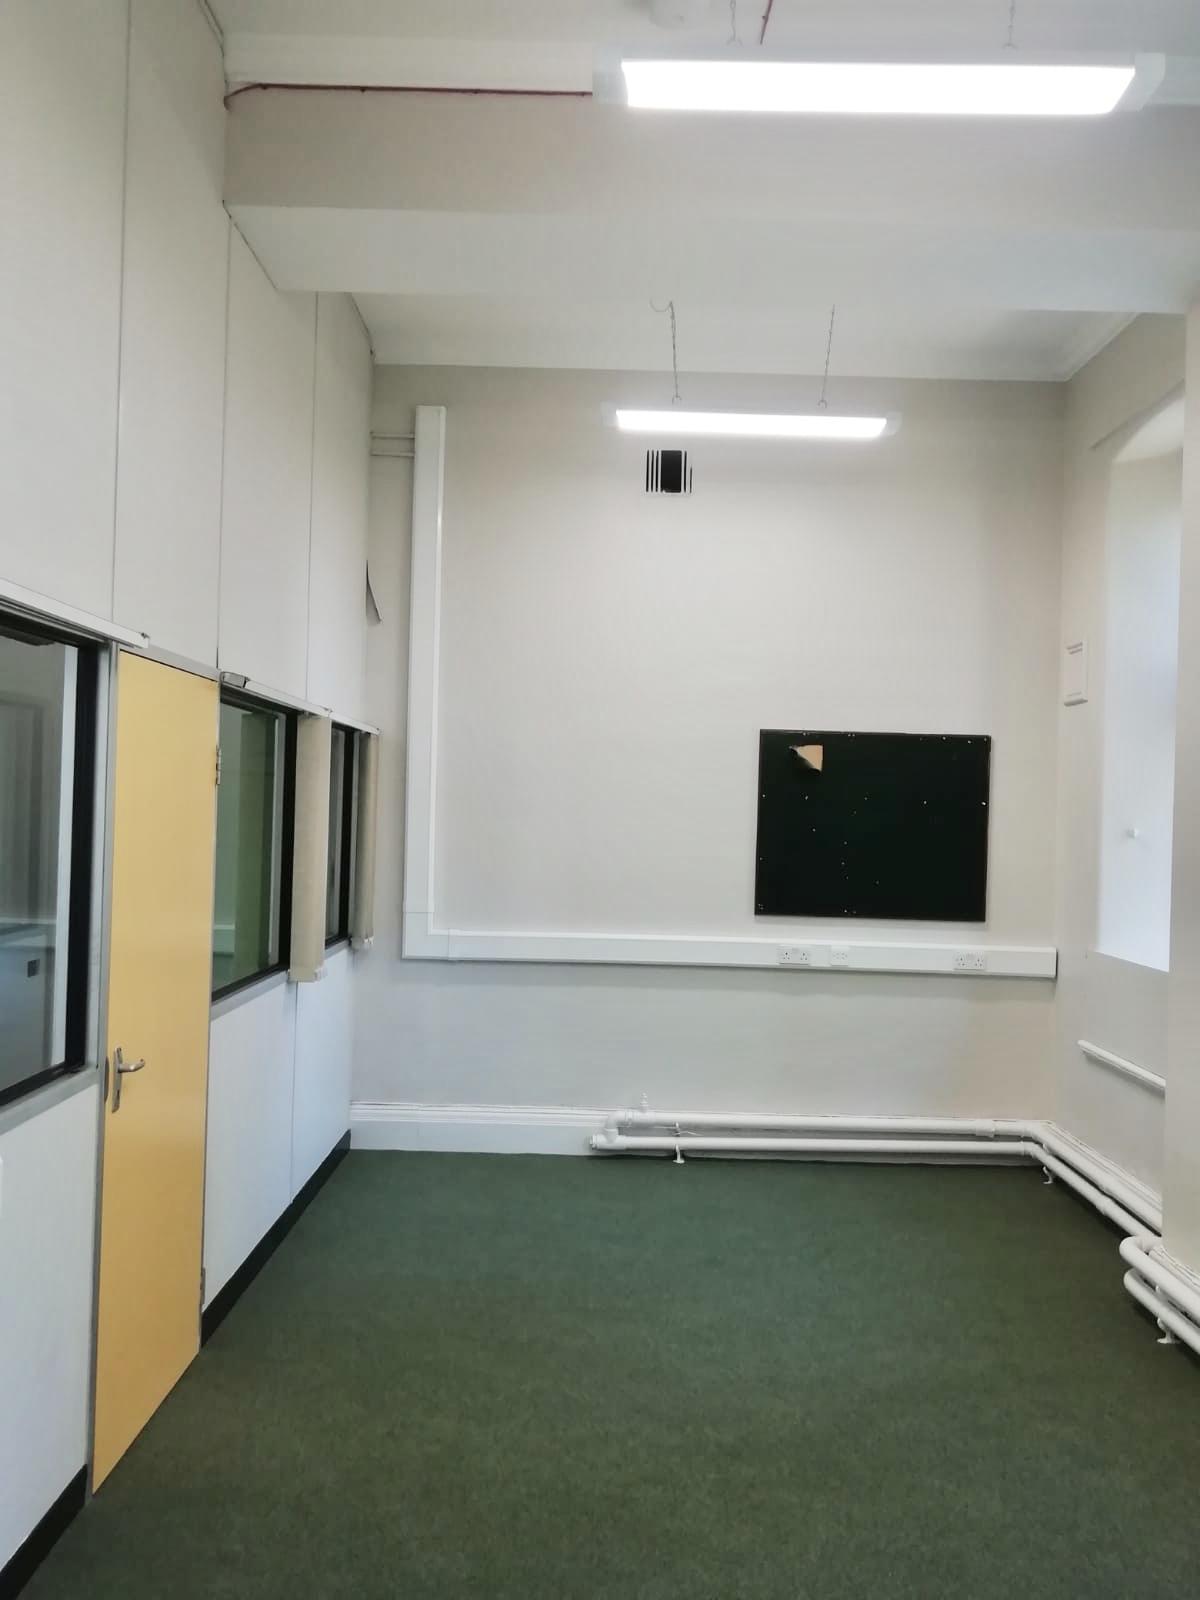 colaiste caoimhin school 6